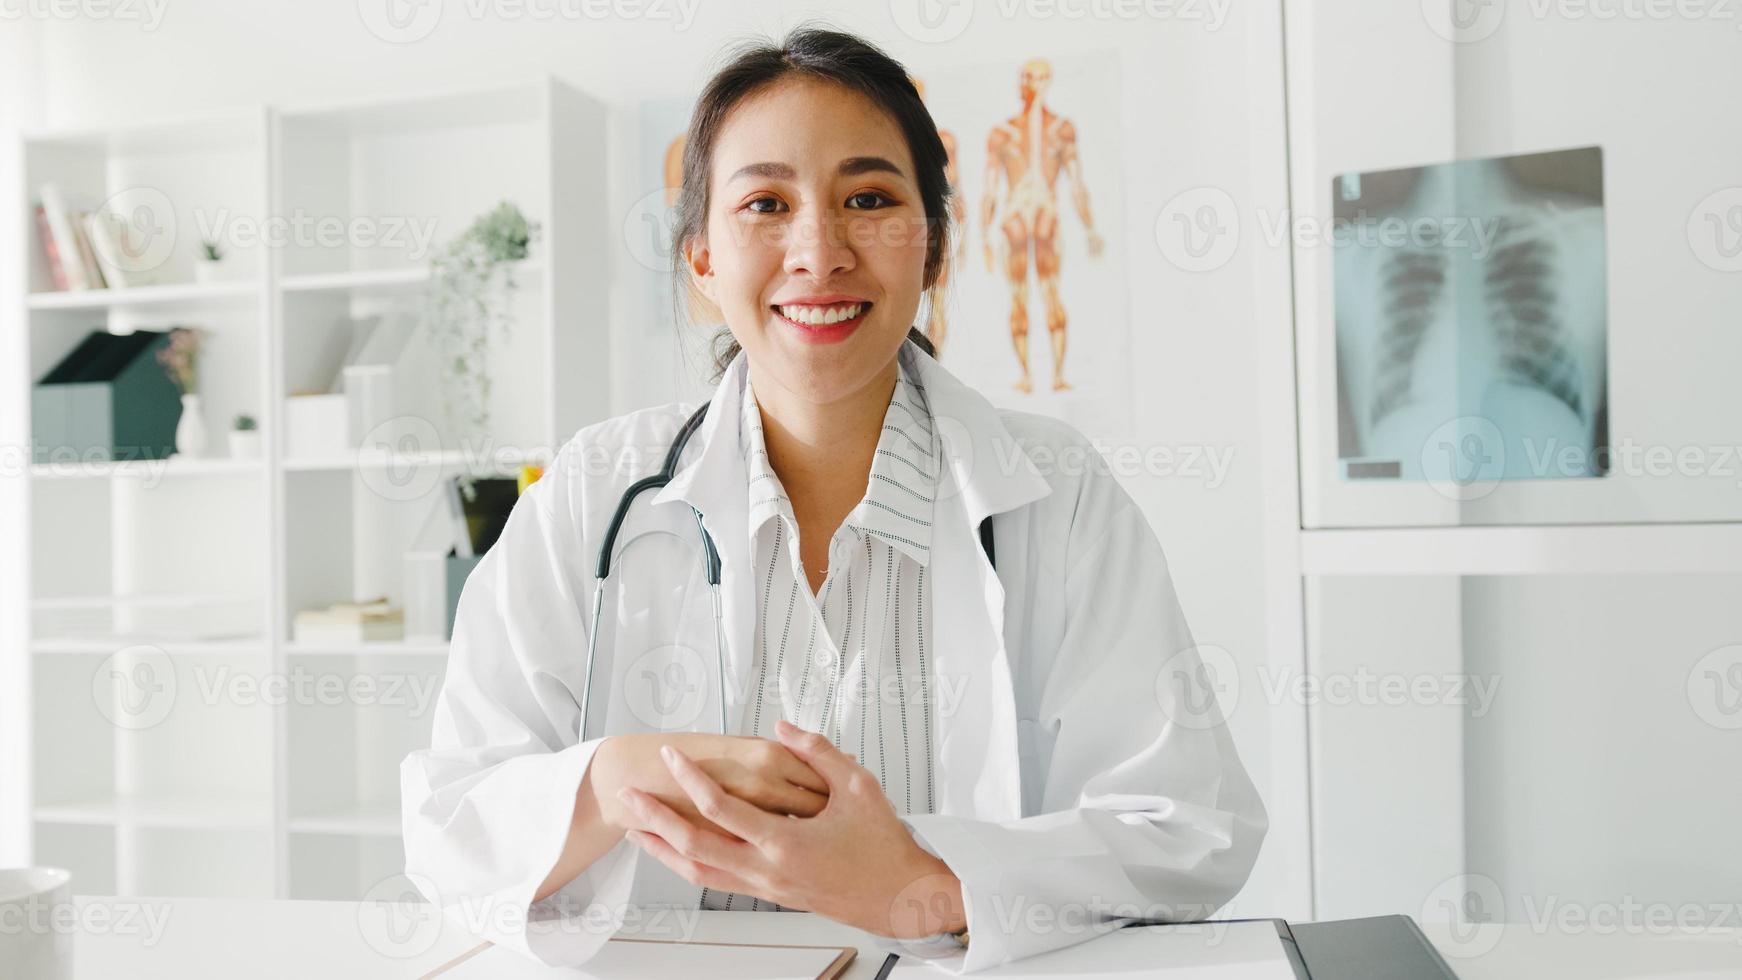 jovem doutora da Ásia em uniforme médico branco com estetoscópio usando computador laptop falar videoconferência com paciente, olhando para a câmera no hospital de saúde. consultoria e conceito de terapia. foto